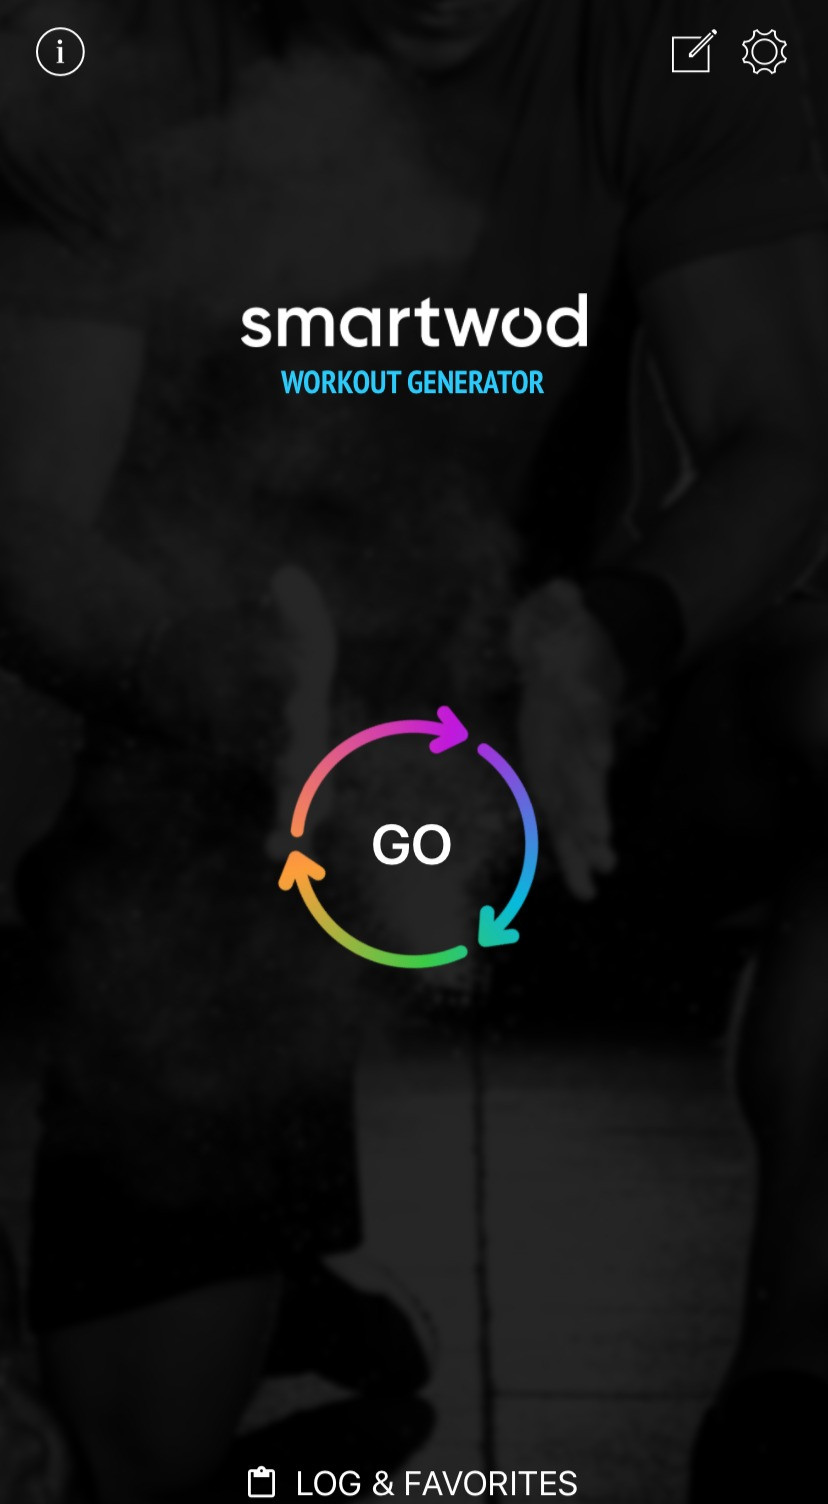 Screenshot of SmartWOD generator app